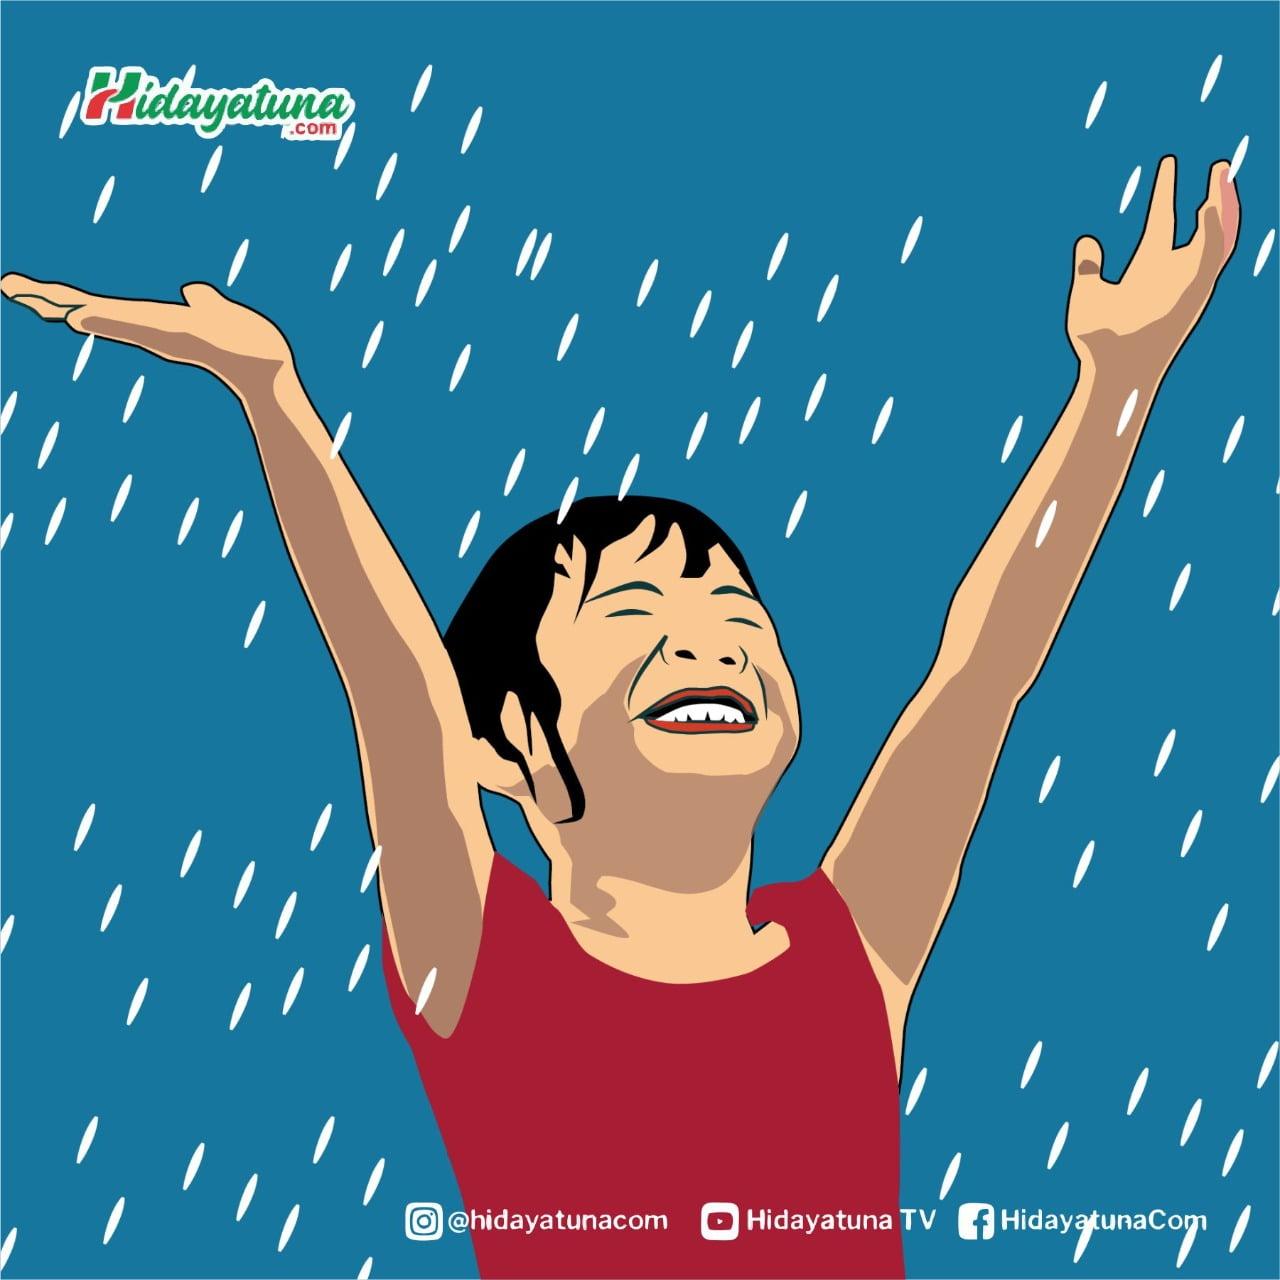 Hujan membawa berkah (Ilustrasi/Hidayatuna)